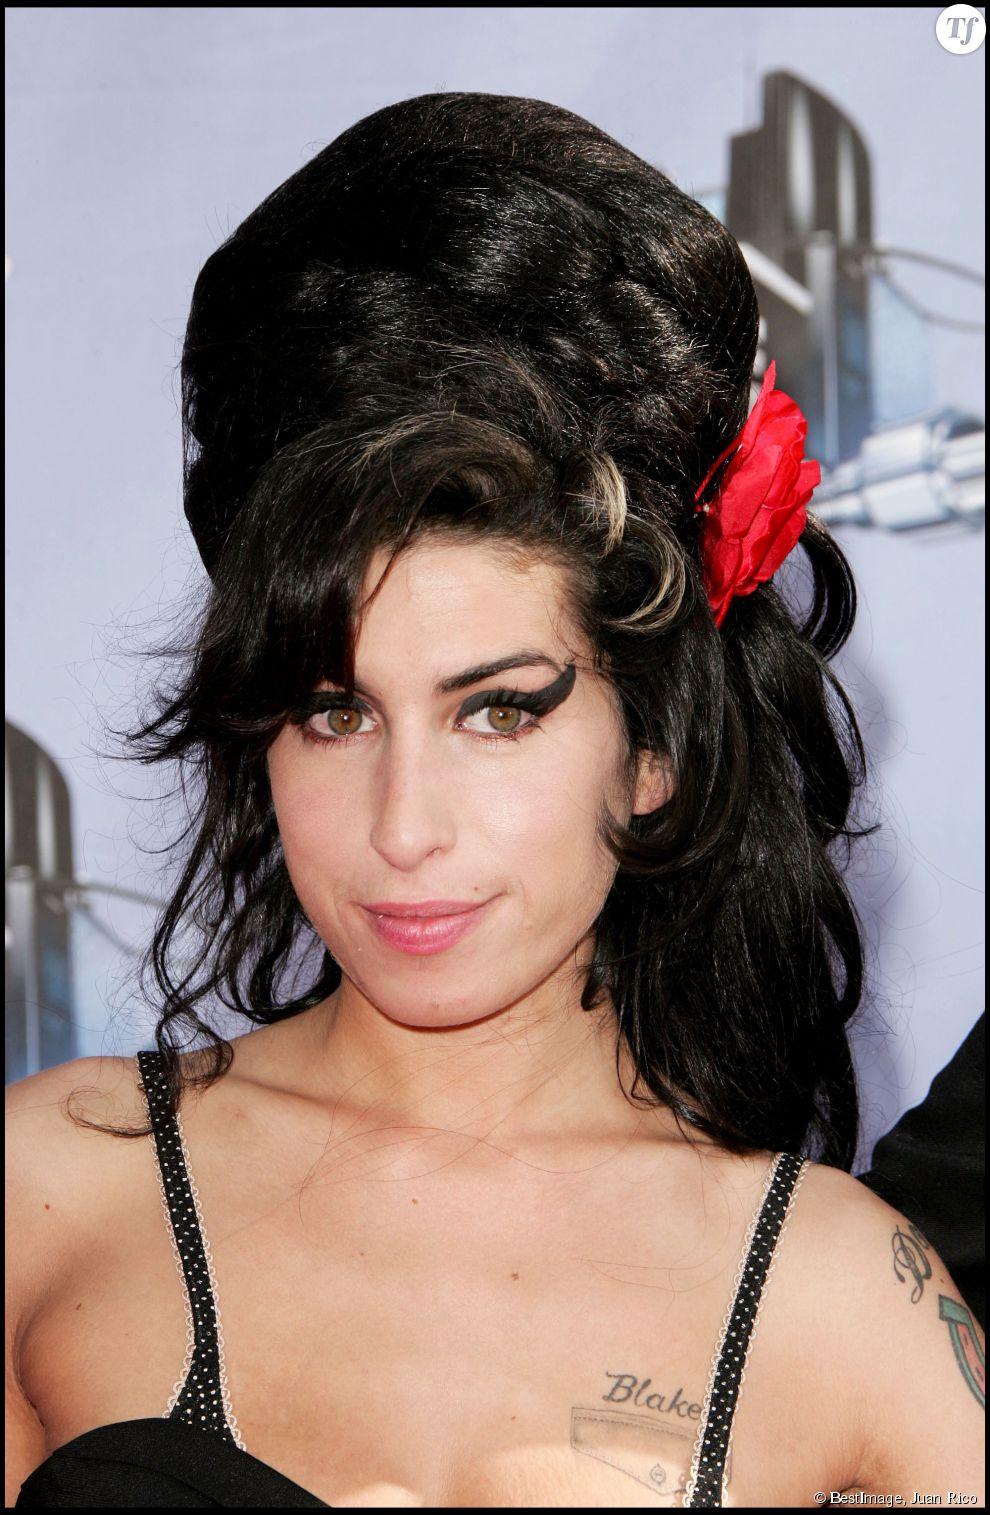 Sa coupe de cheveux est devenue mythique et automatiquement associée à la chanteuse.